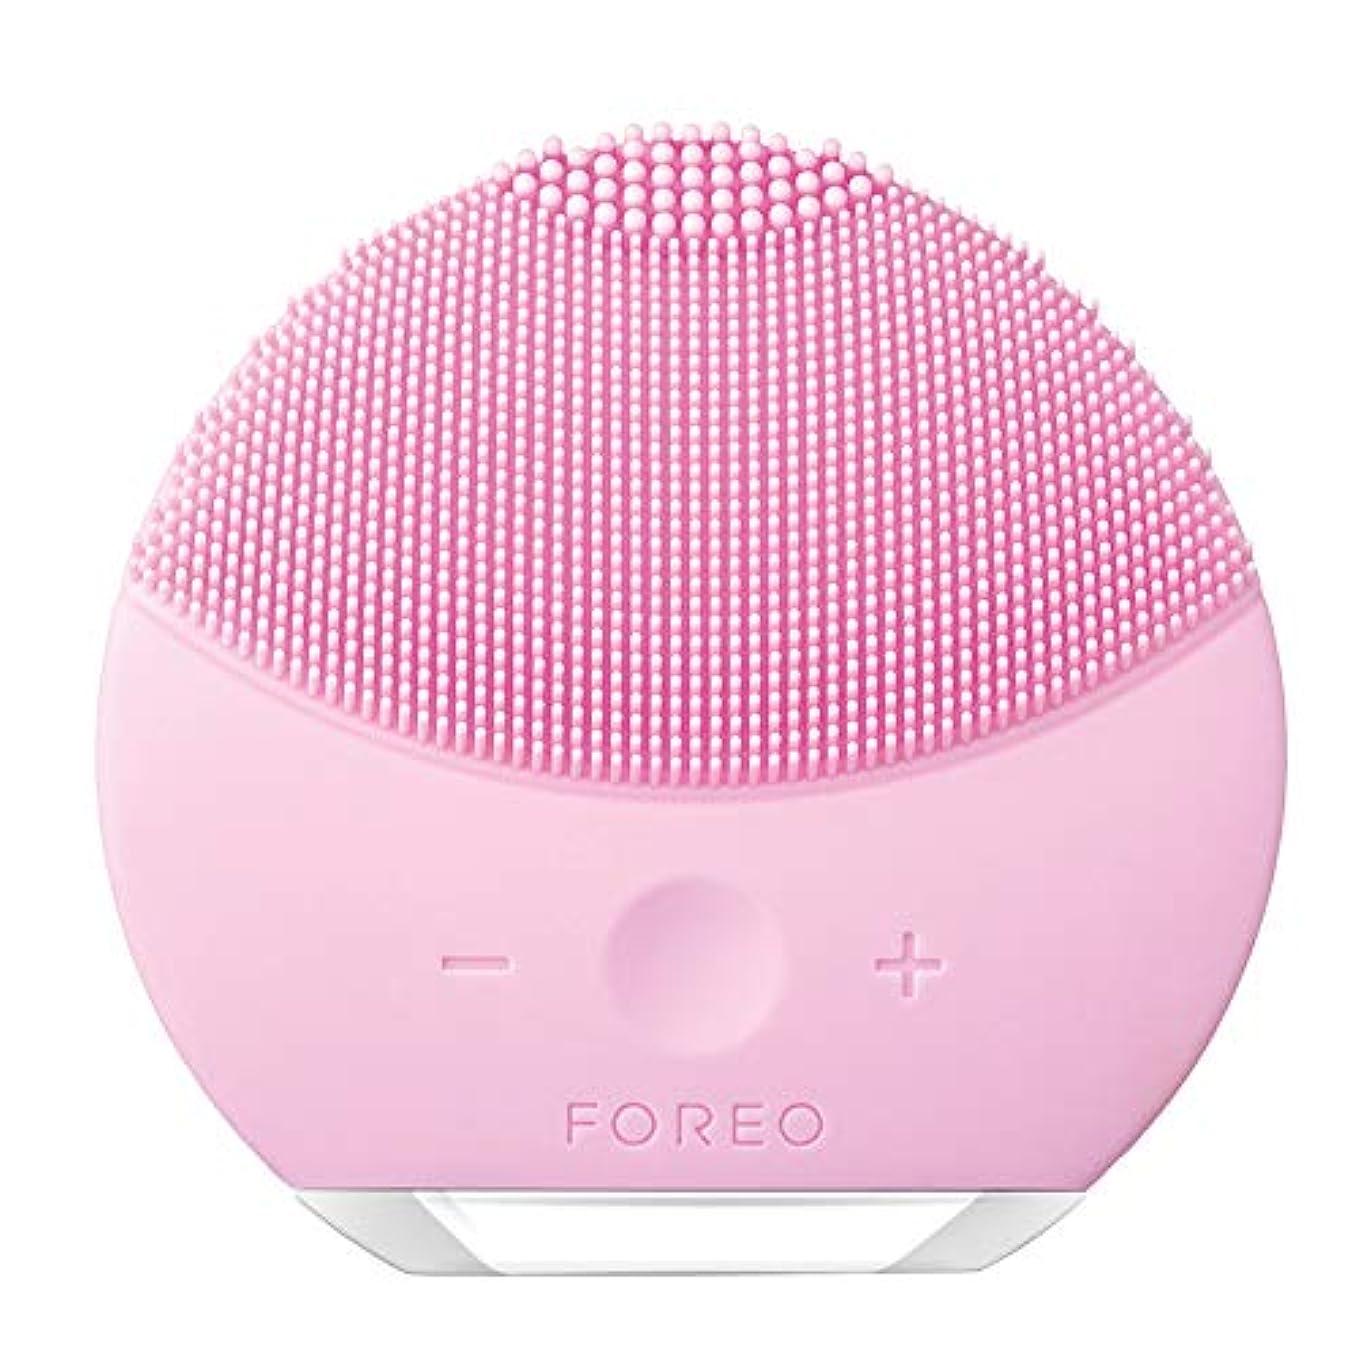 販売員我慢する控えるFOREO LUNA mini 2 パールピンク 電動洗顔ブラシ シリコーン製 音波振動